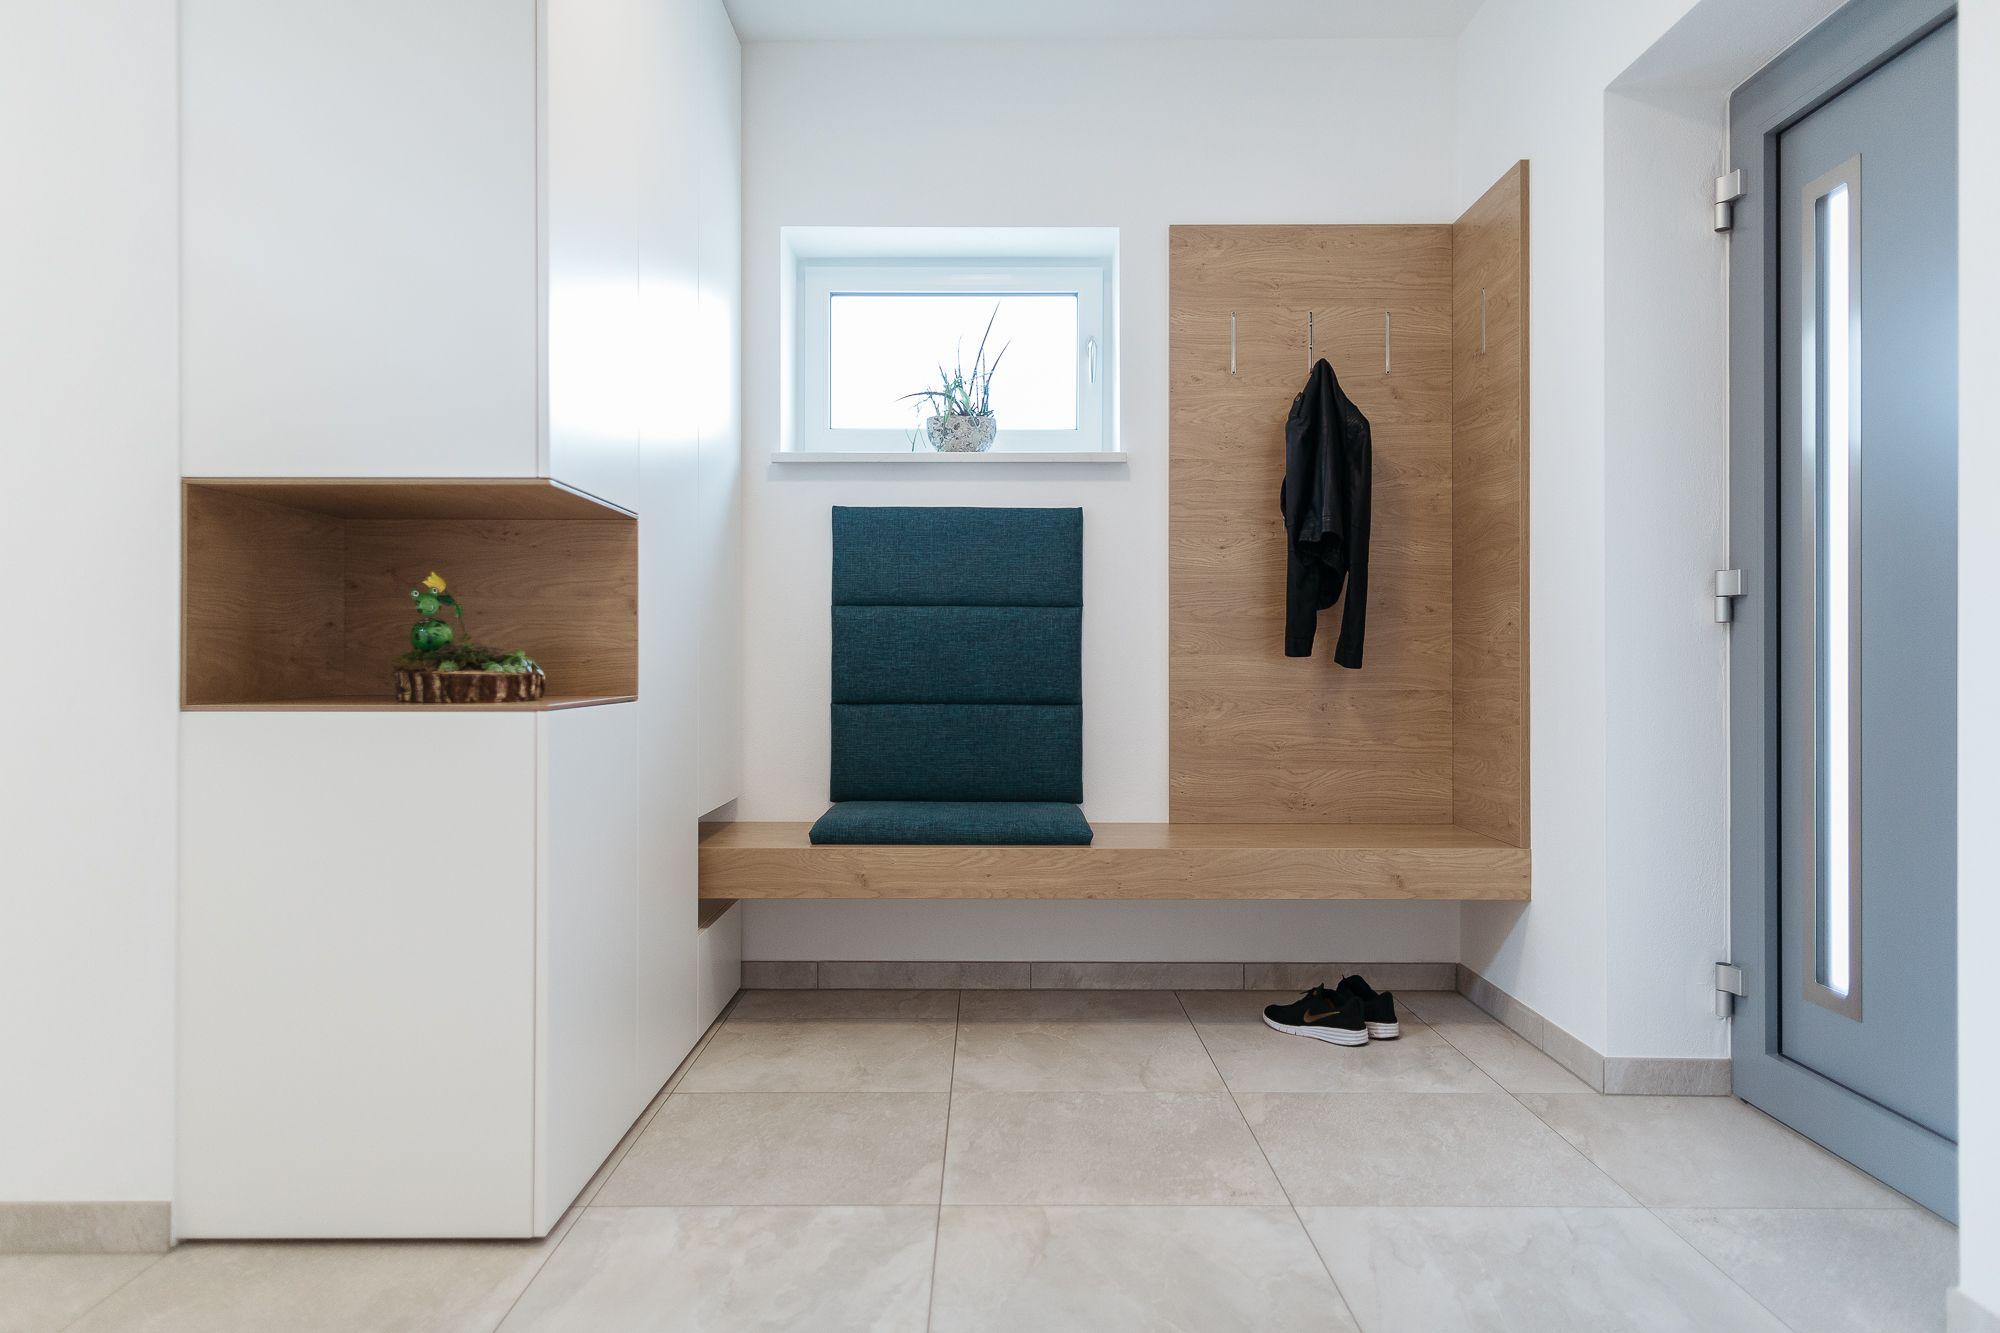 Gallery Image Garderoben Eingangsbereich Haus Innenarchitektur Produktdesign